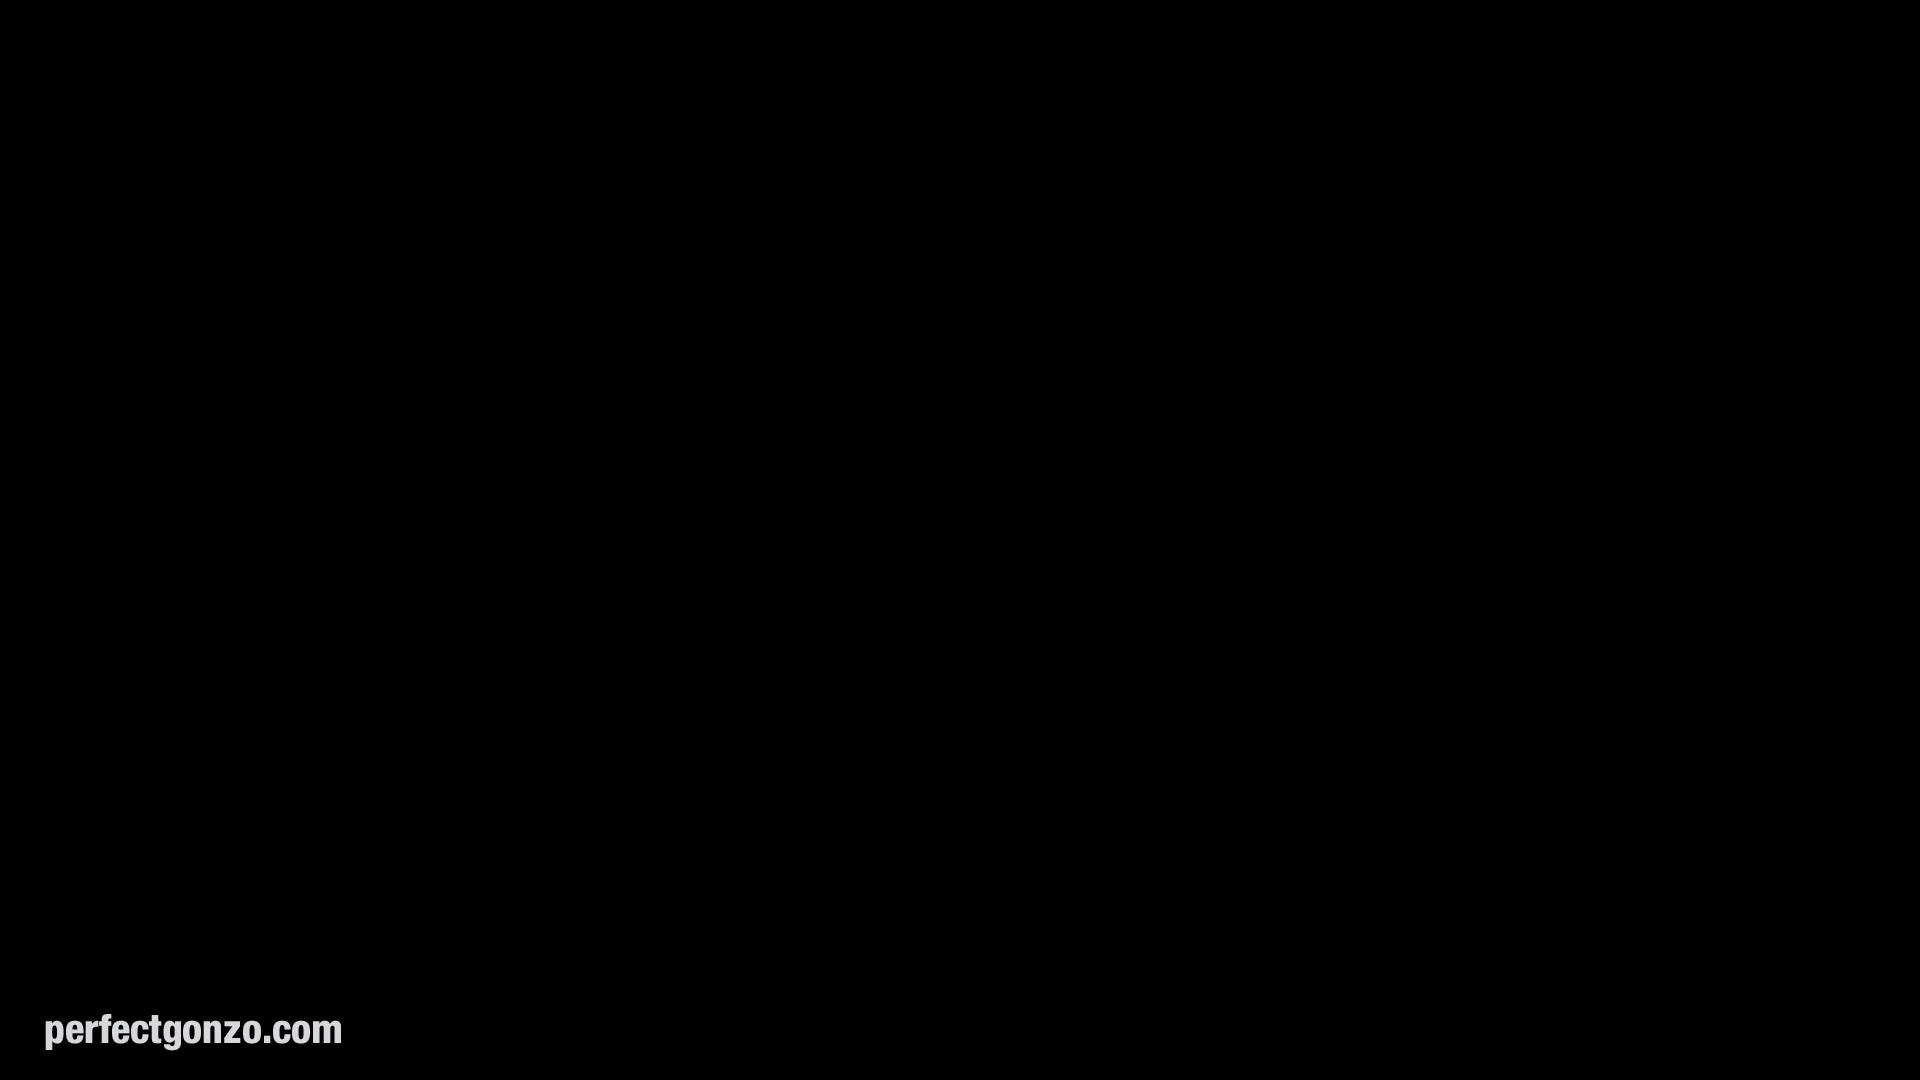 Naked 18+ Gallery Glycerol ester of rosin fdating